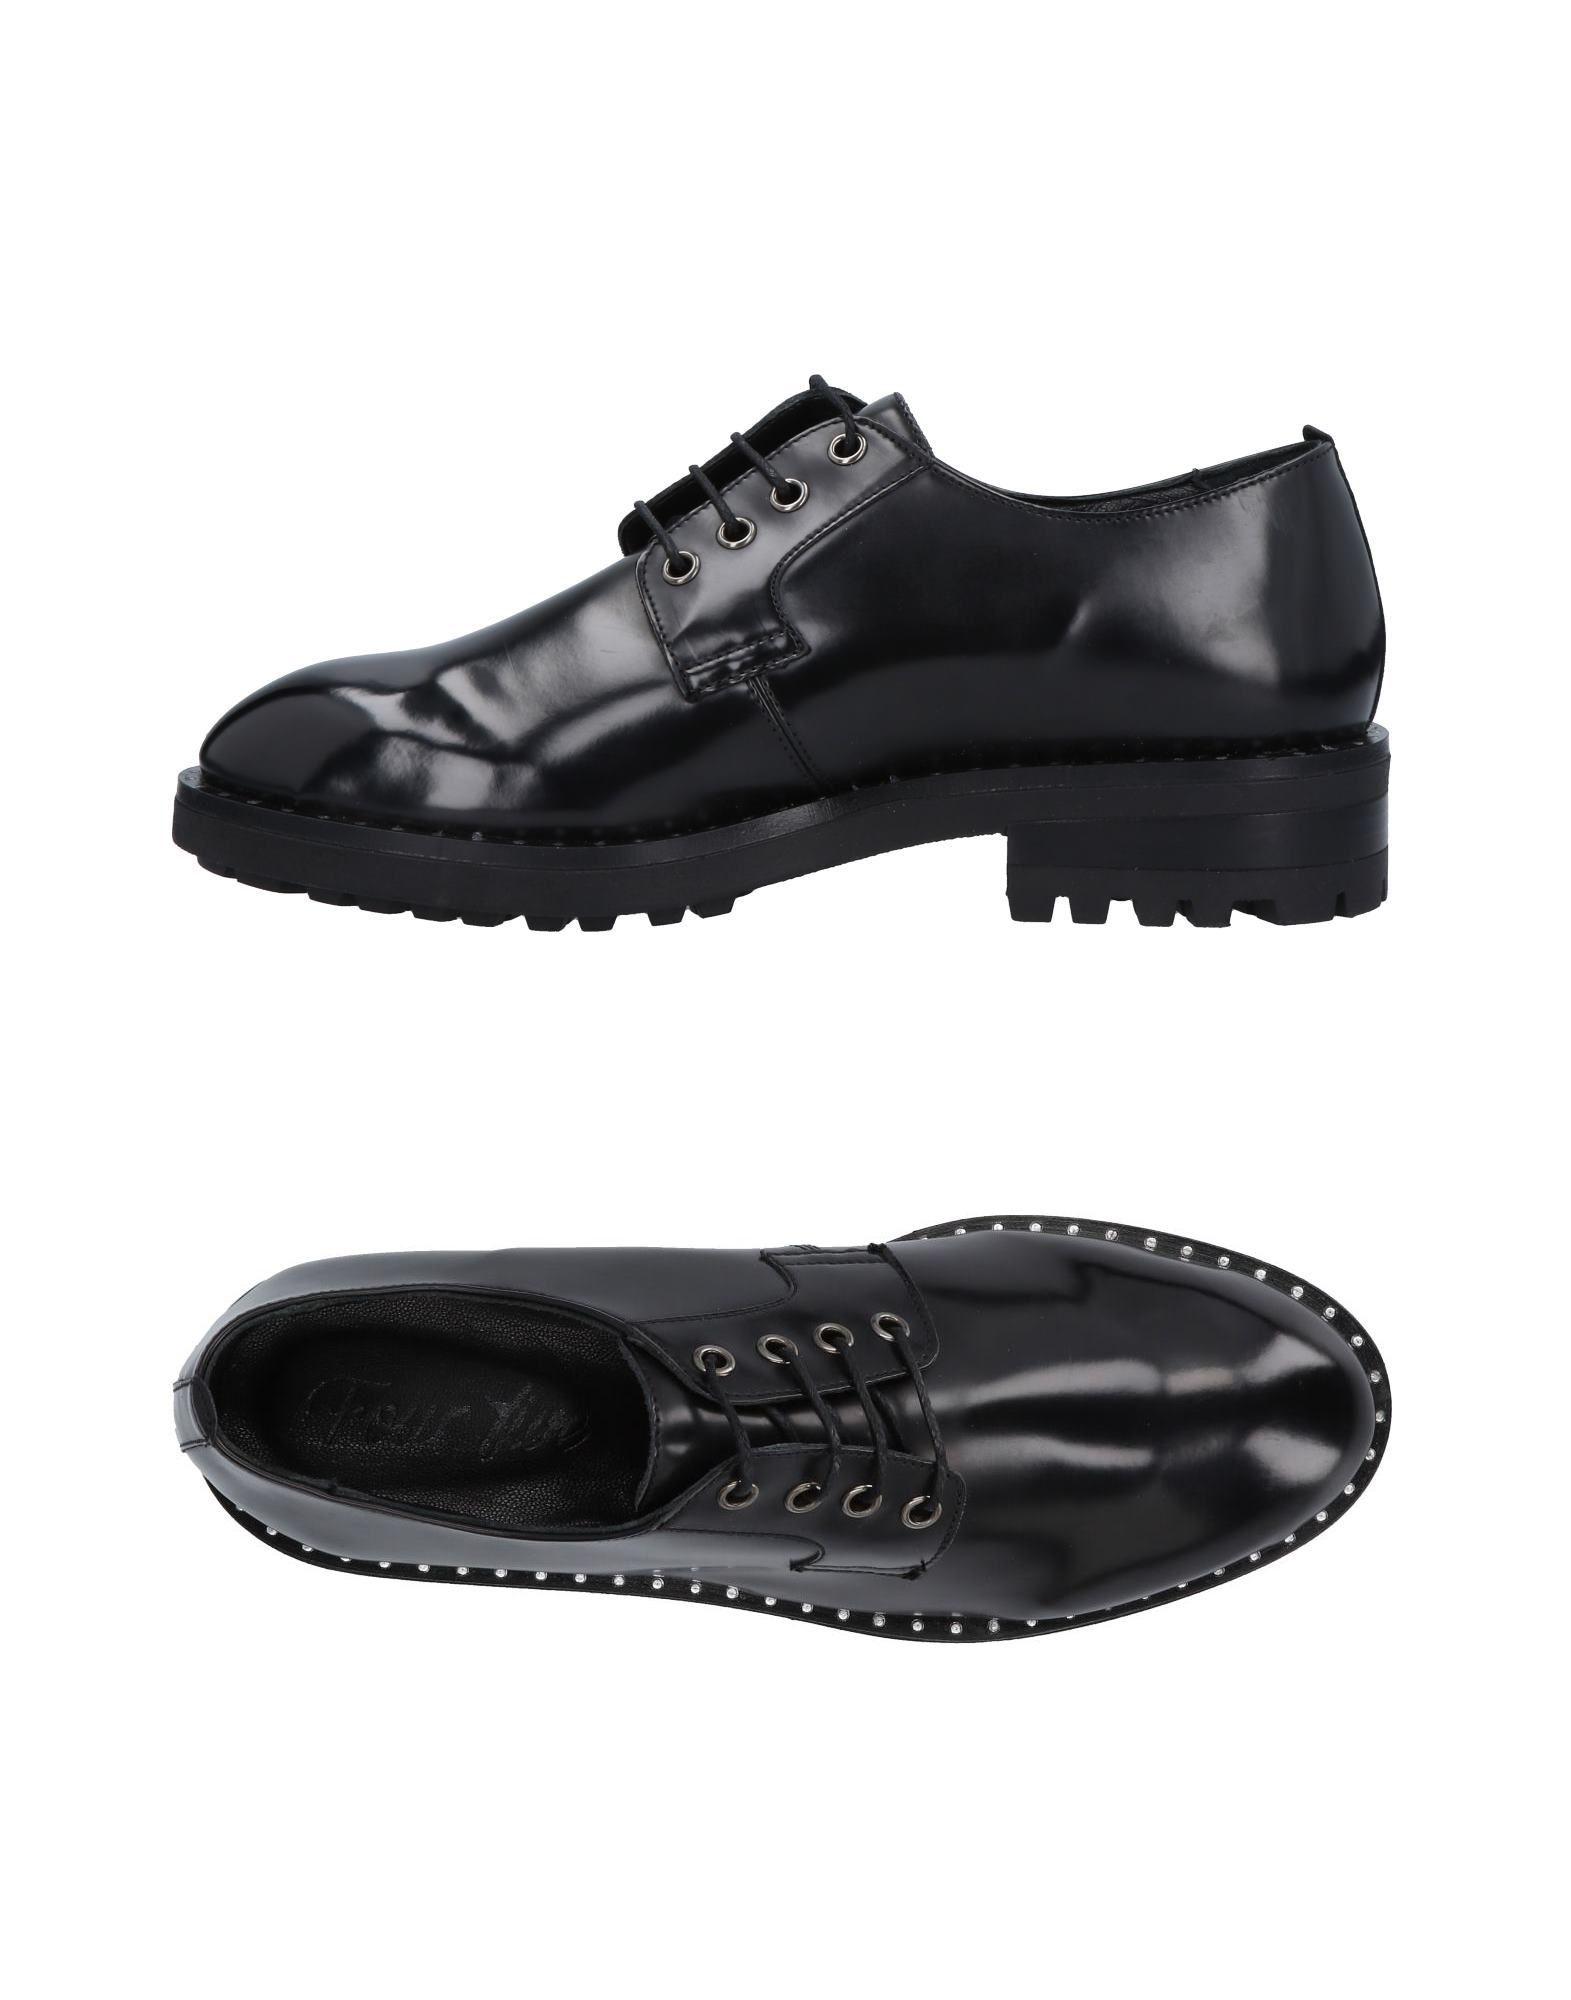 Four Five Schnürschuhe Damen  11494302FV Gute Qualität beliebte Schuhe